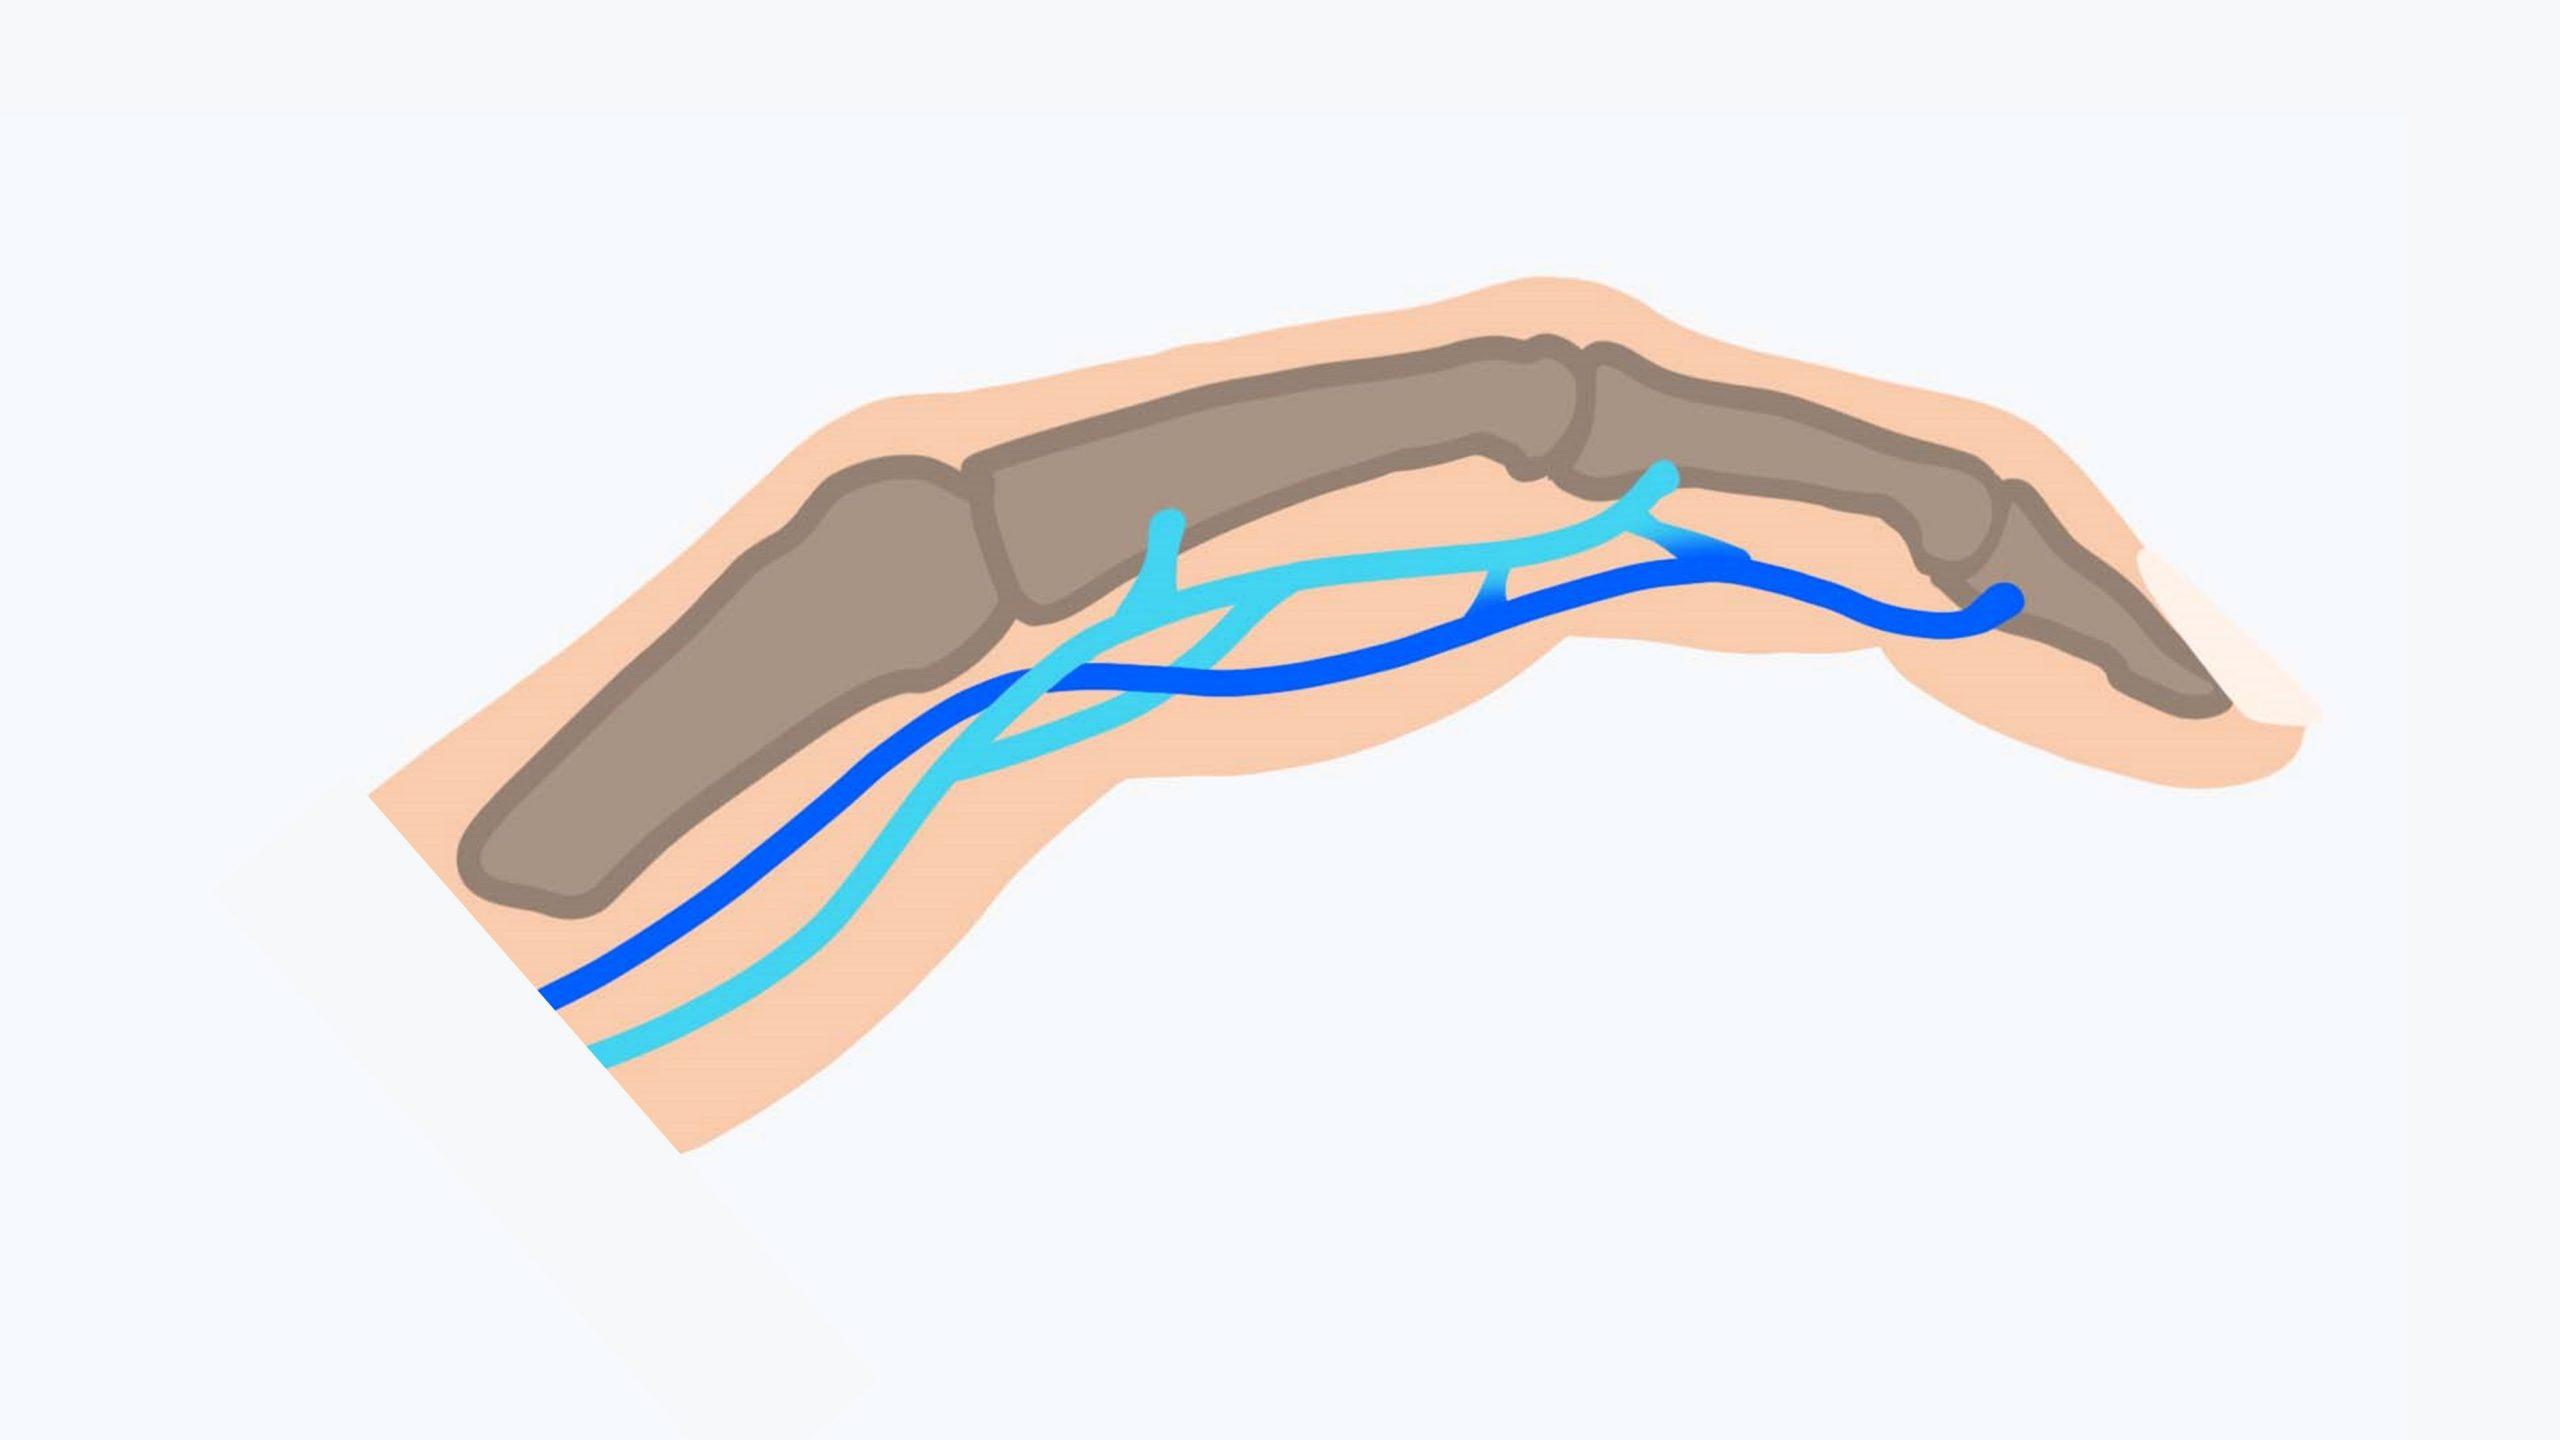 Die Beugesehnen der Finger: die oberflächliche (türkis) und tiefe Beugesehne (blau) verlaufen gemeinsam.